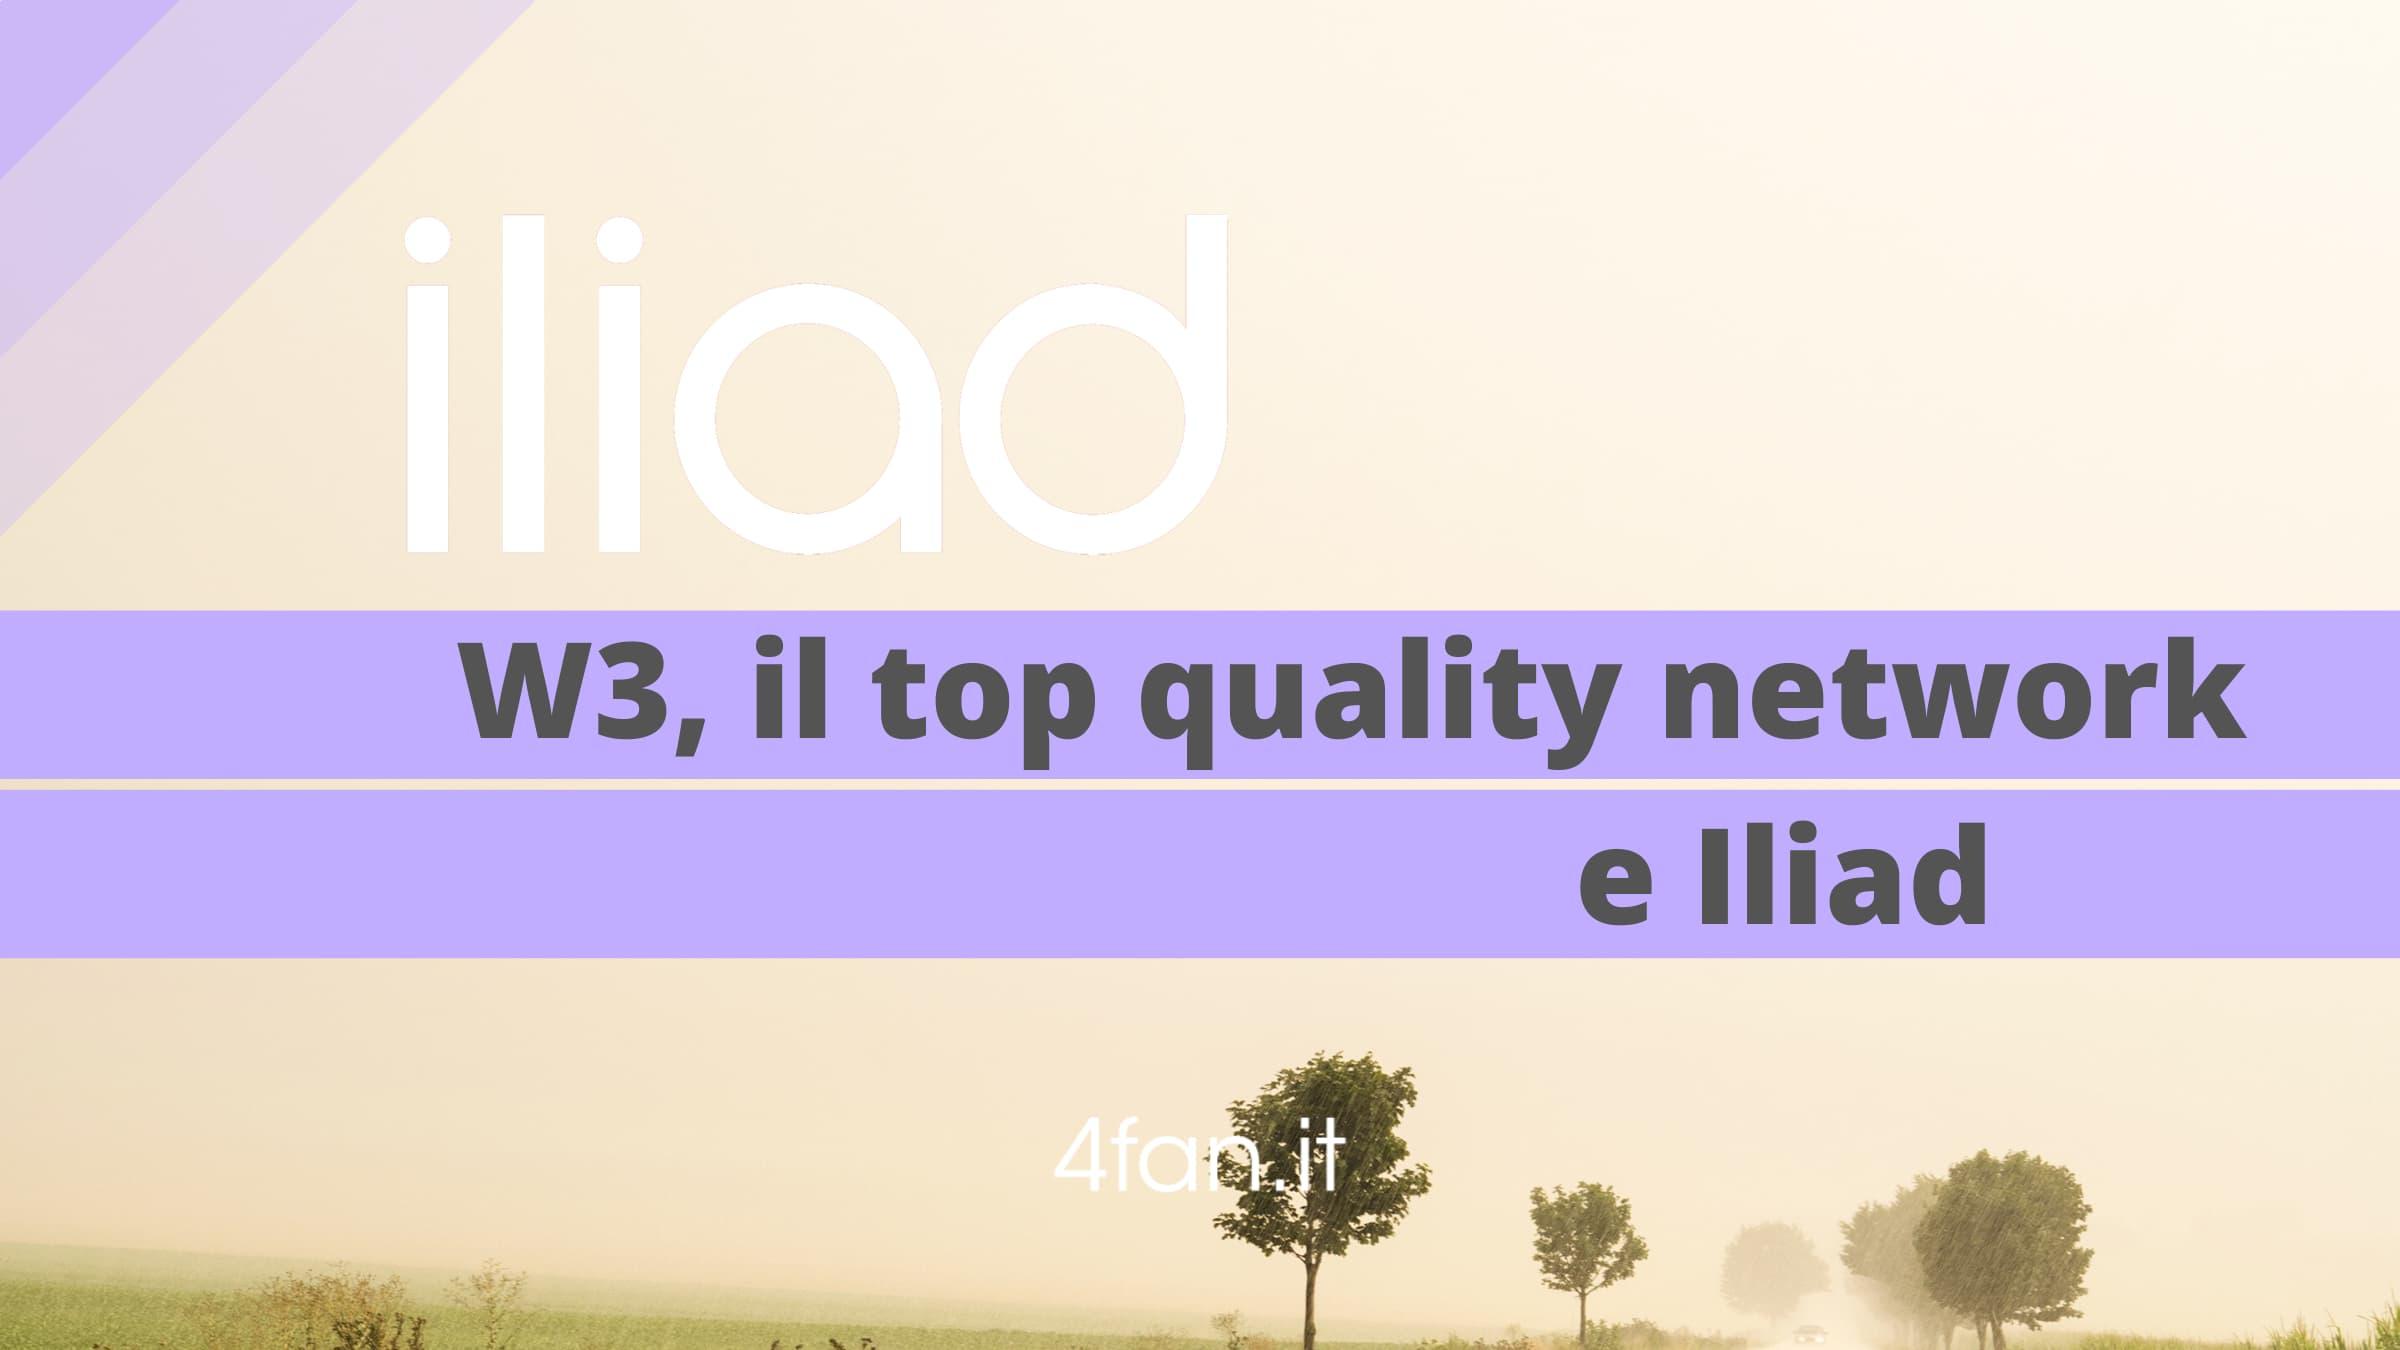 Iliad W3 Top Quality Network